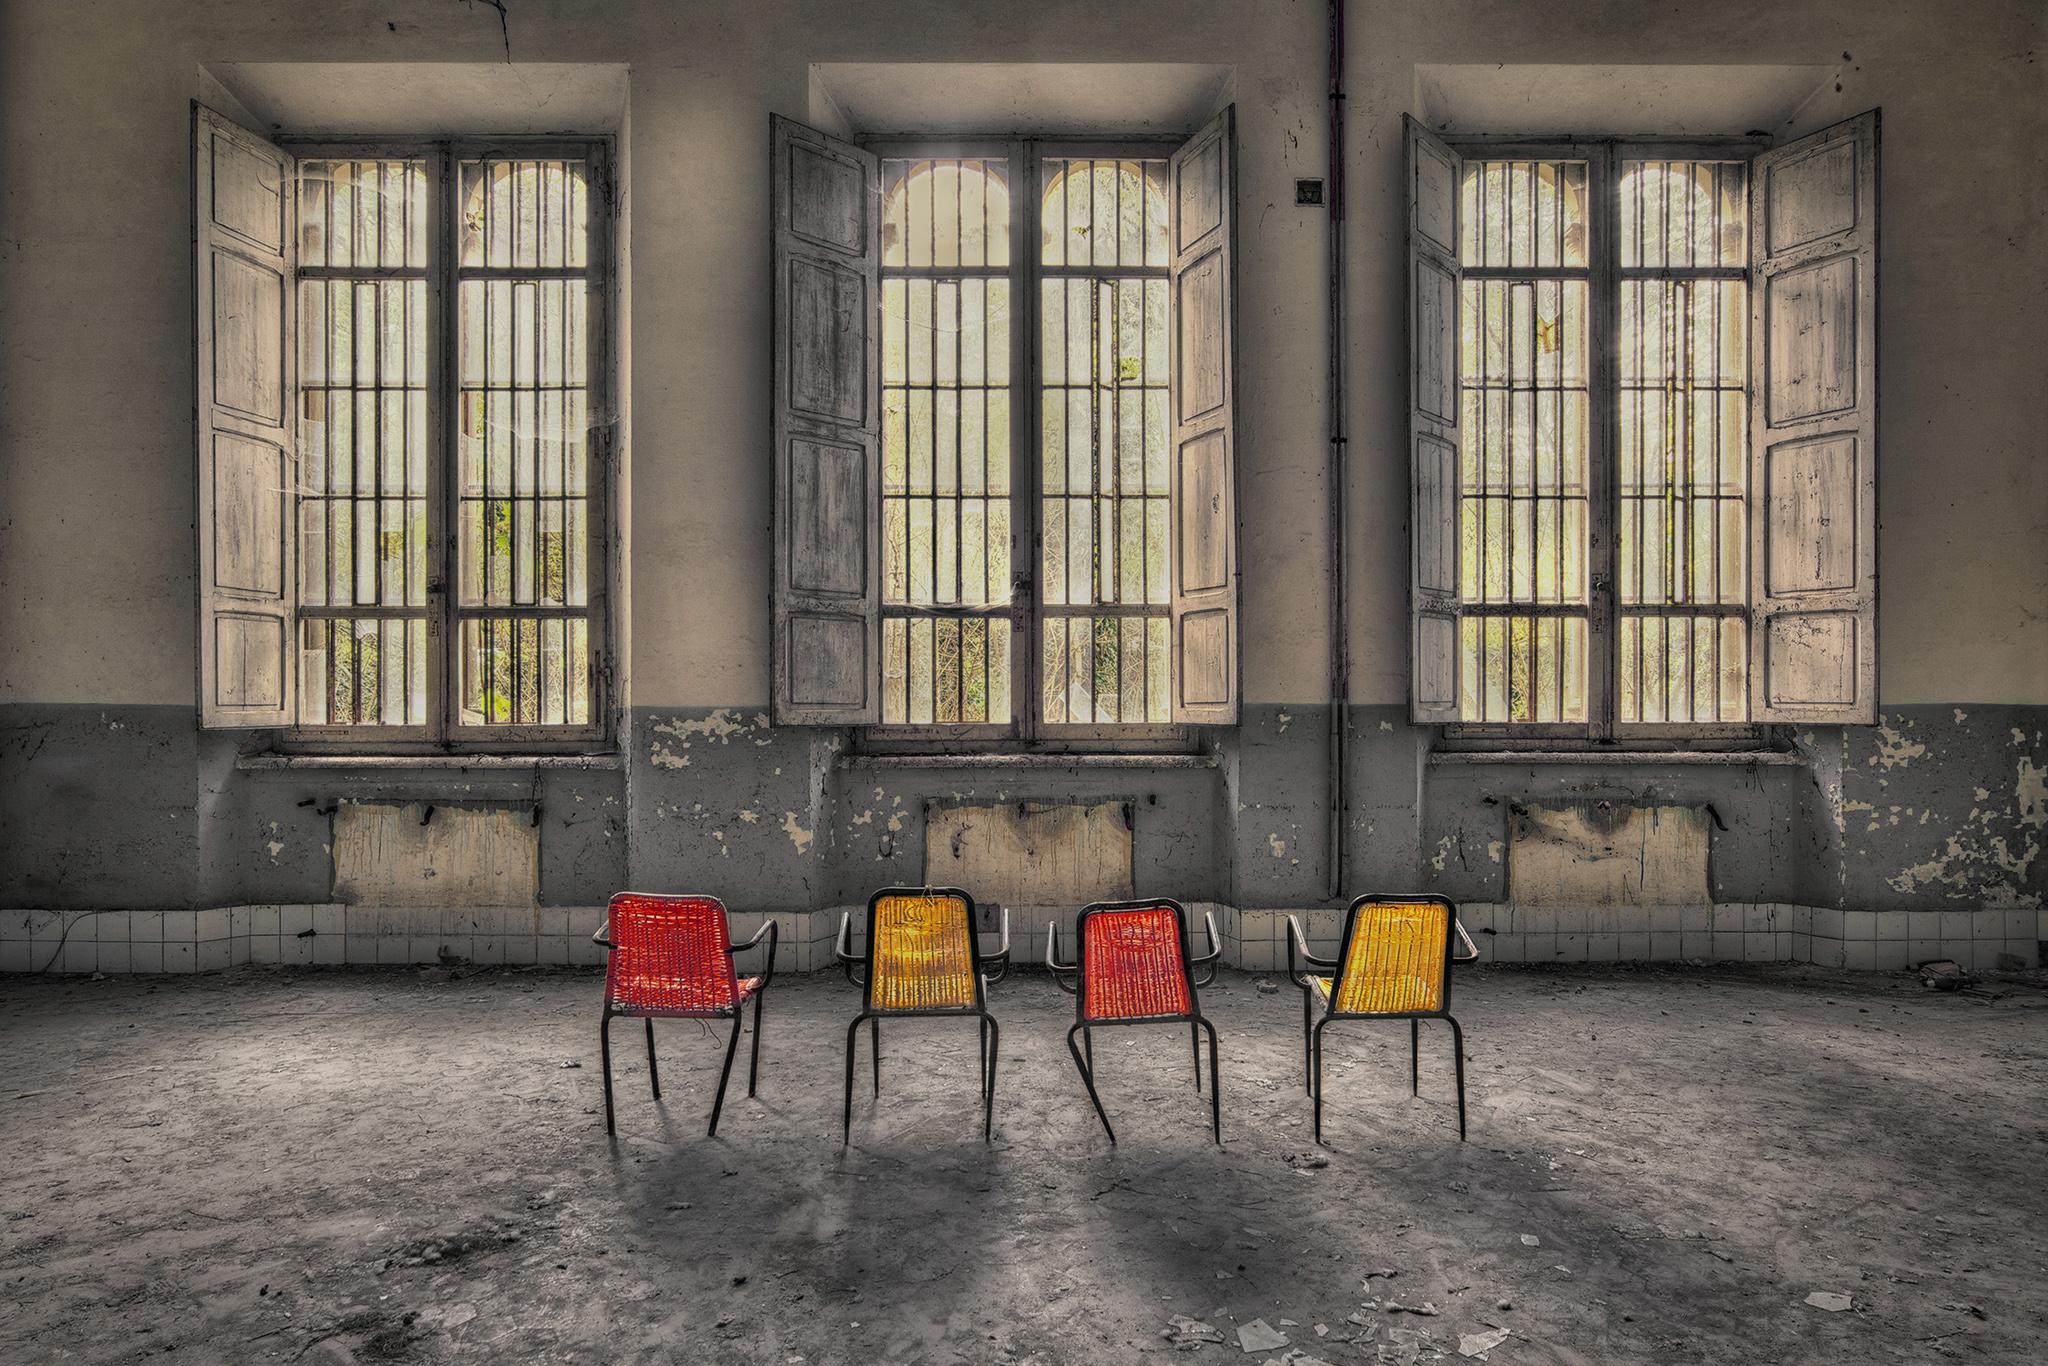 Aufnahmen alter, verlassener Gebäude © Madeleine Heinz